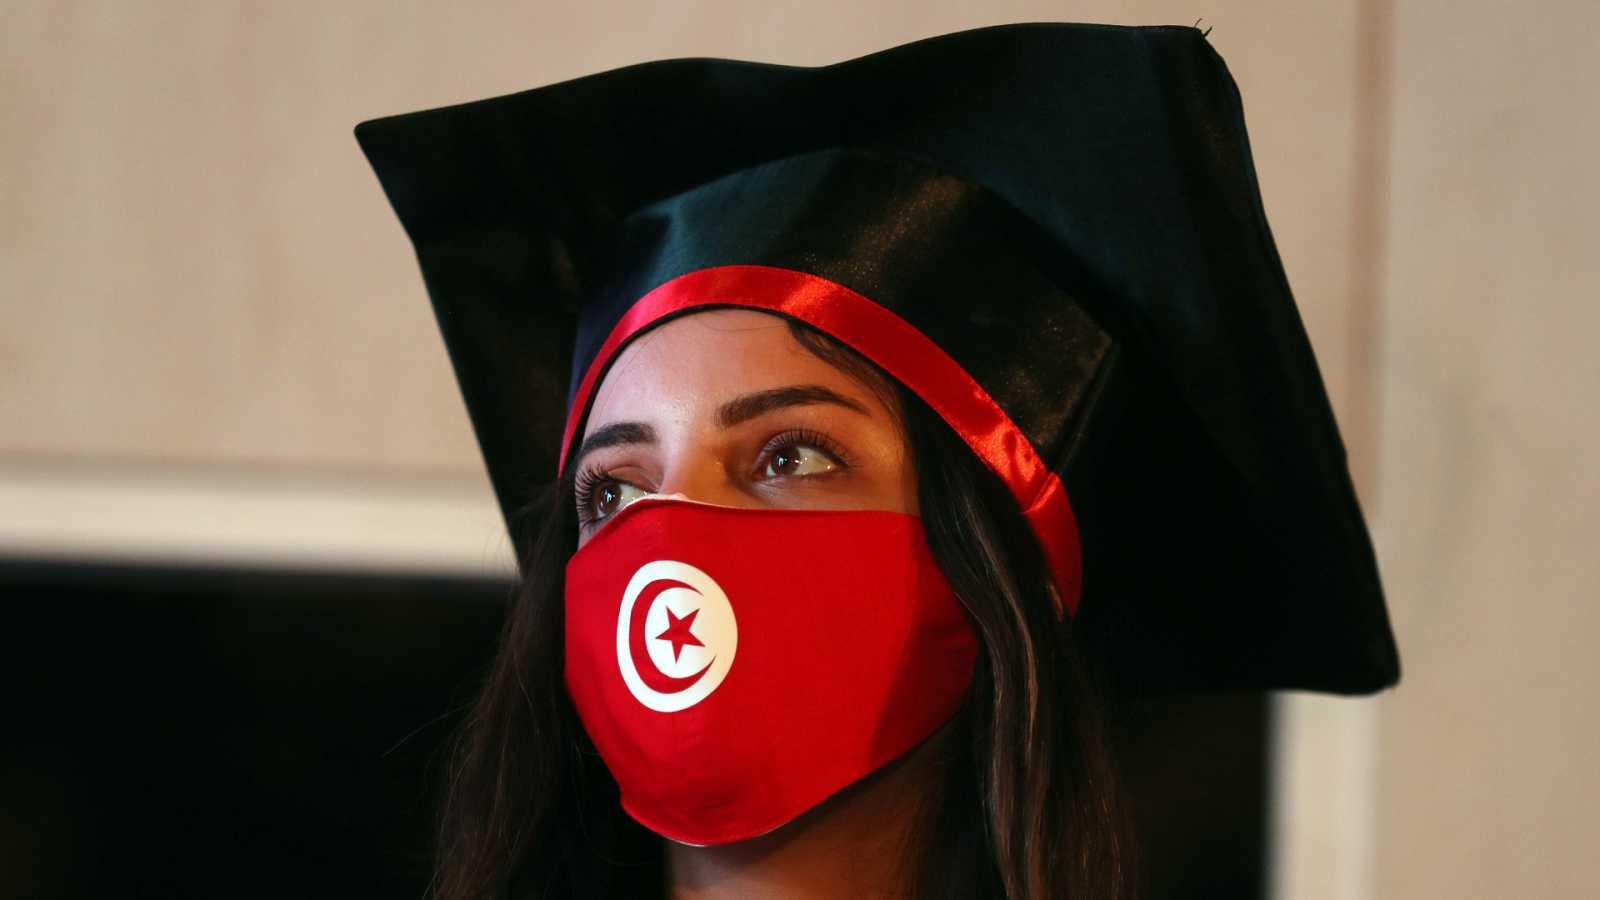 Tunez es el país árabo-musulmán más avanzado en el reconocimiento de los derechos de las mujeres